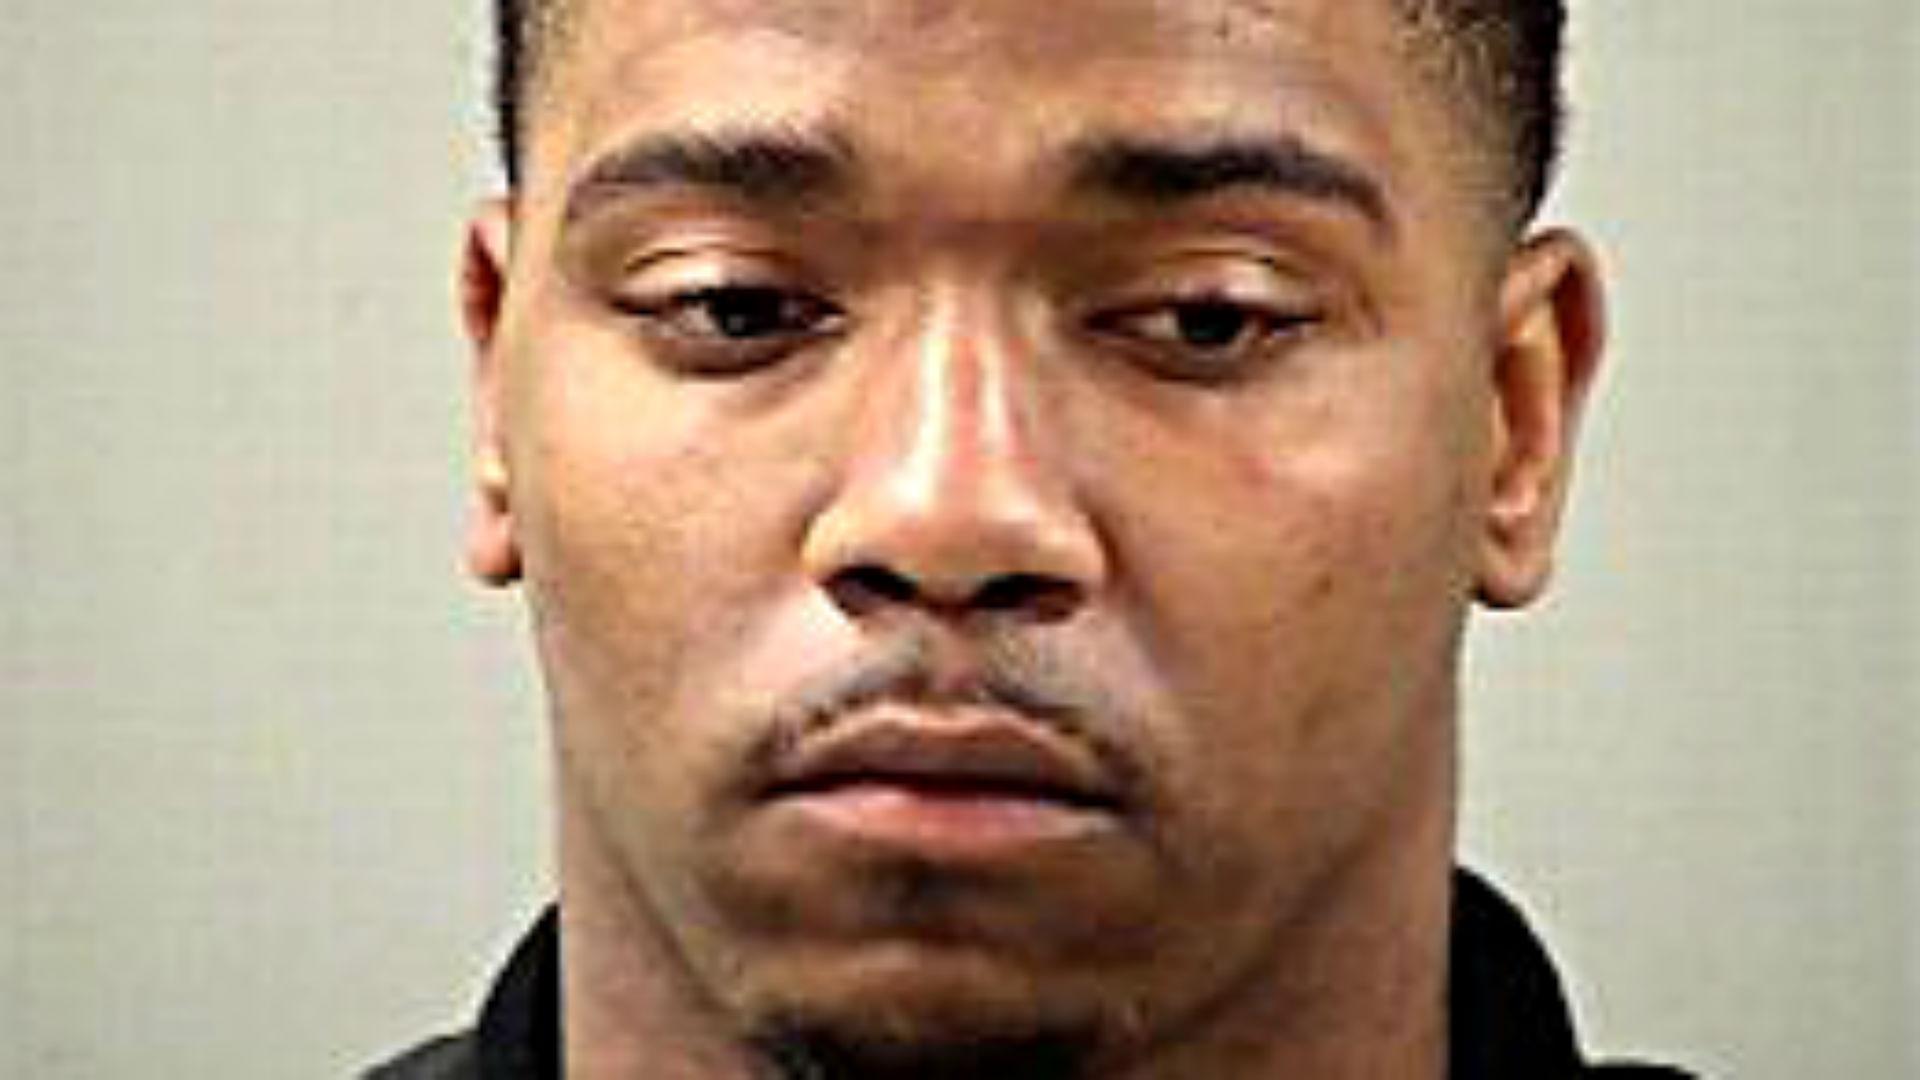 Trevone Boykin on felony arrest: 'Words can't describe how